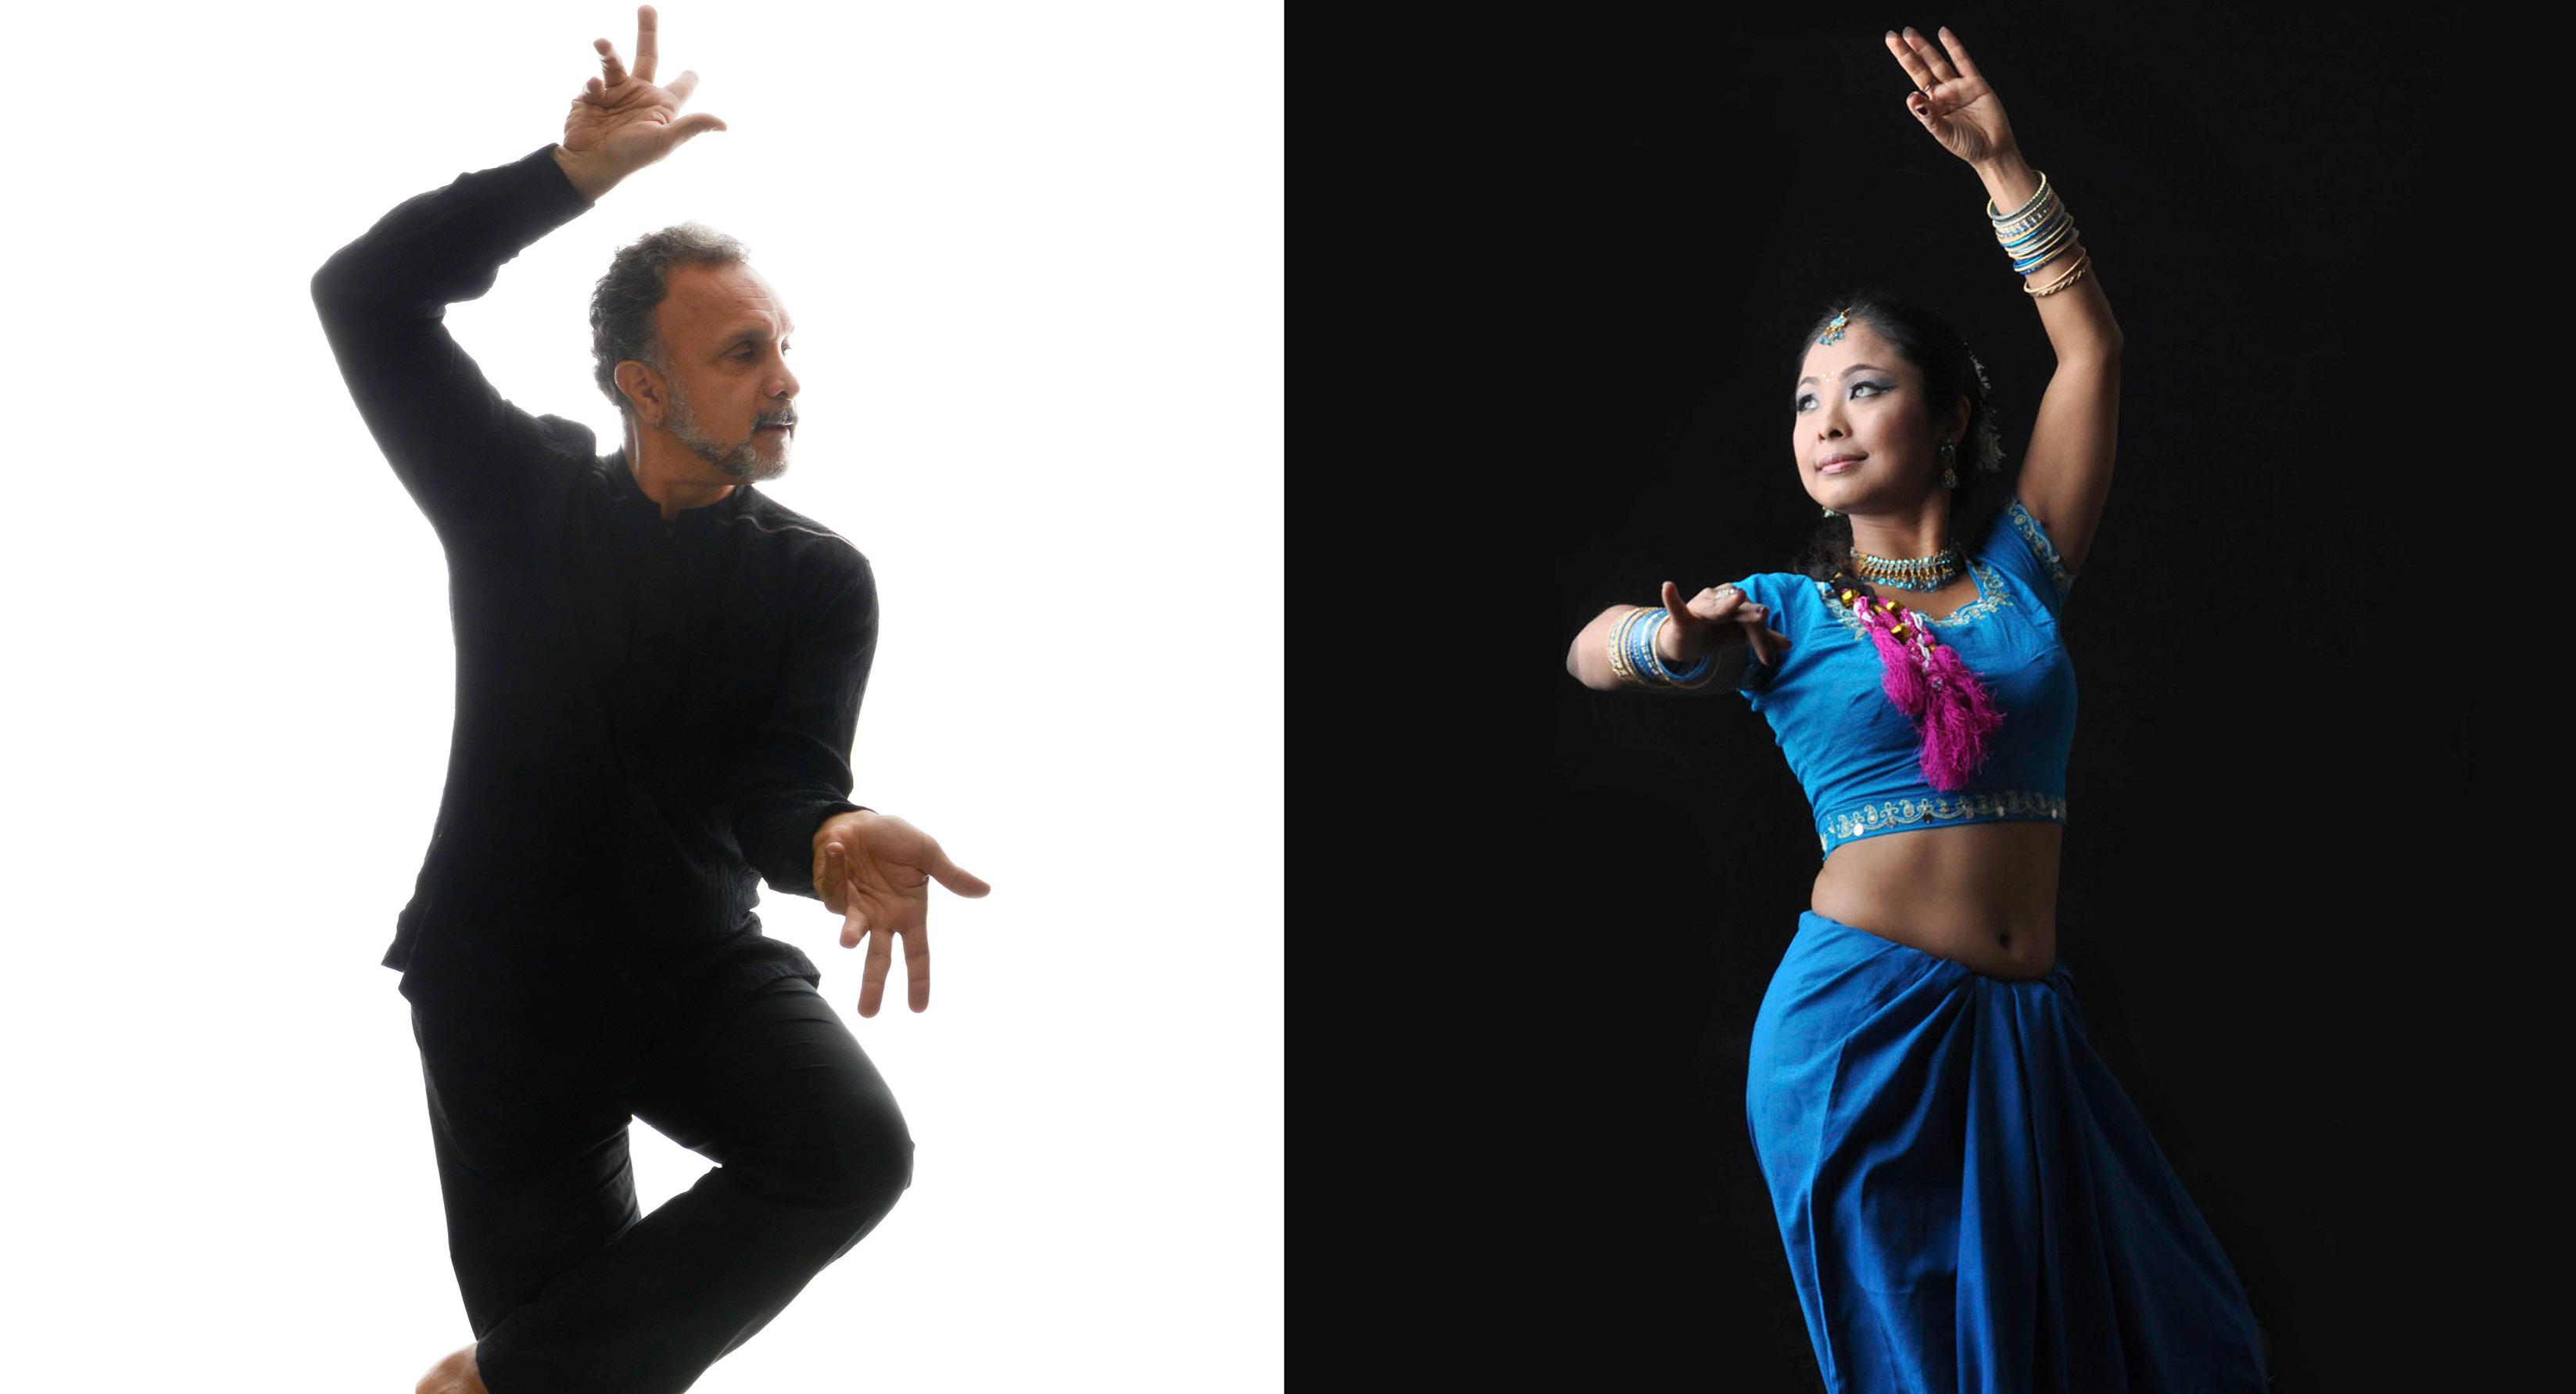 Roger Sinha & Deepali Lindblom @Adriana Garcia Cruz & Elisabeth Rouleau